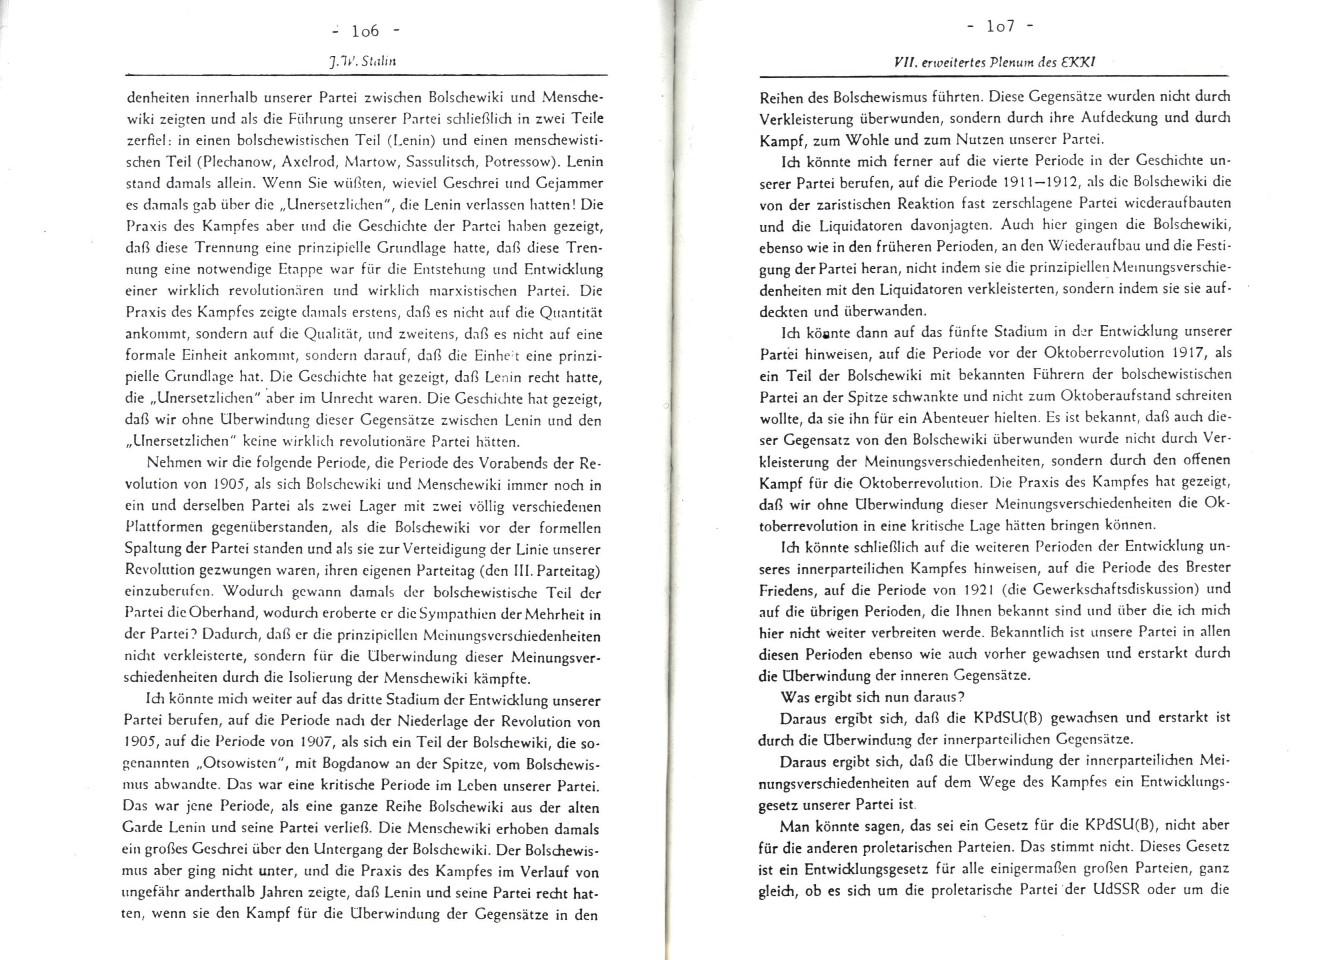 MLSK_Theorie_und_Praxis_des_ML_1979_25_54